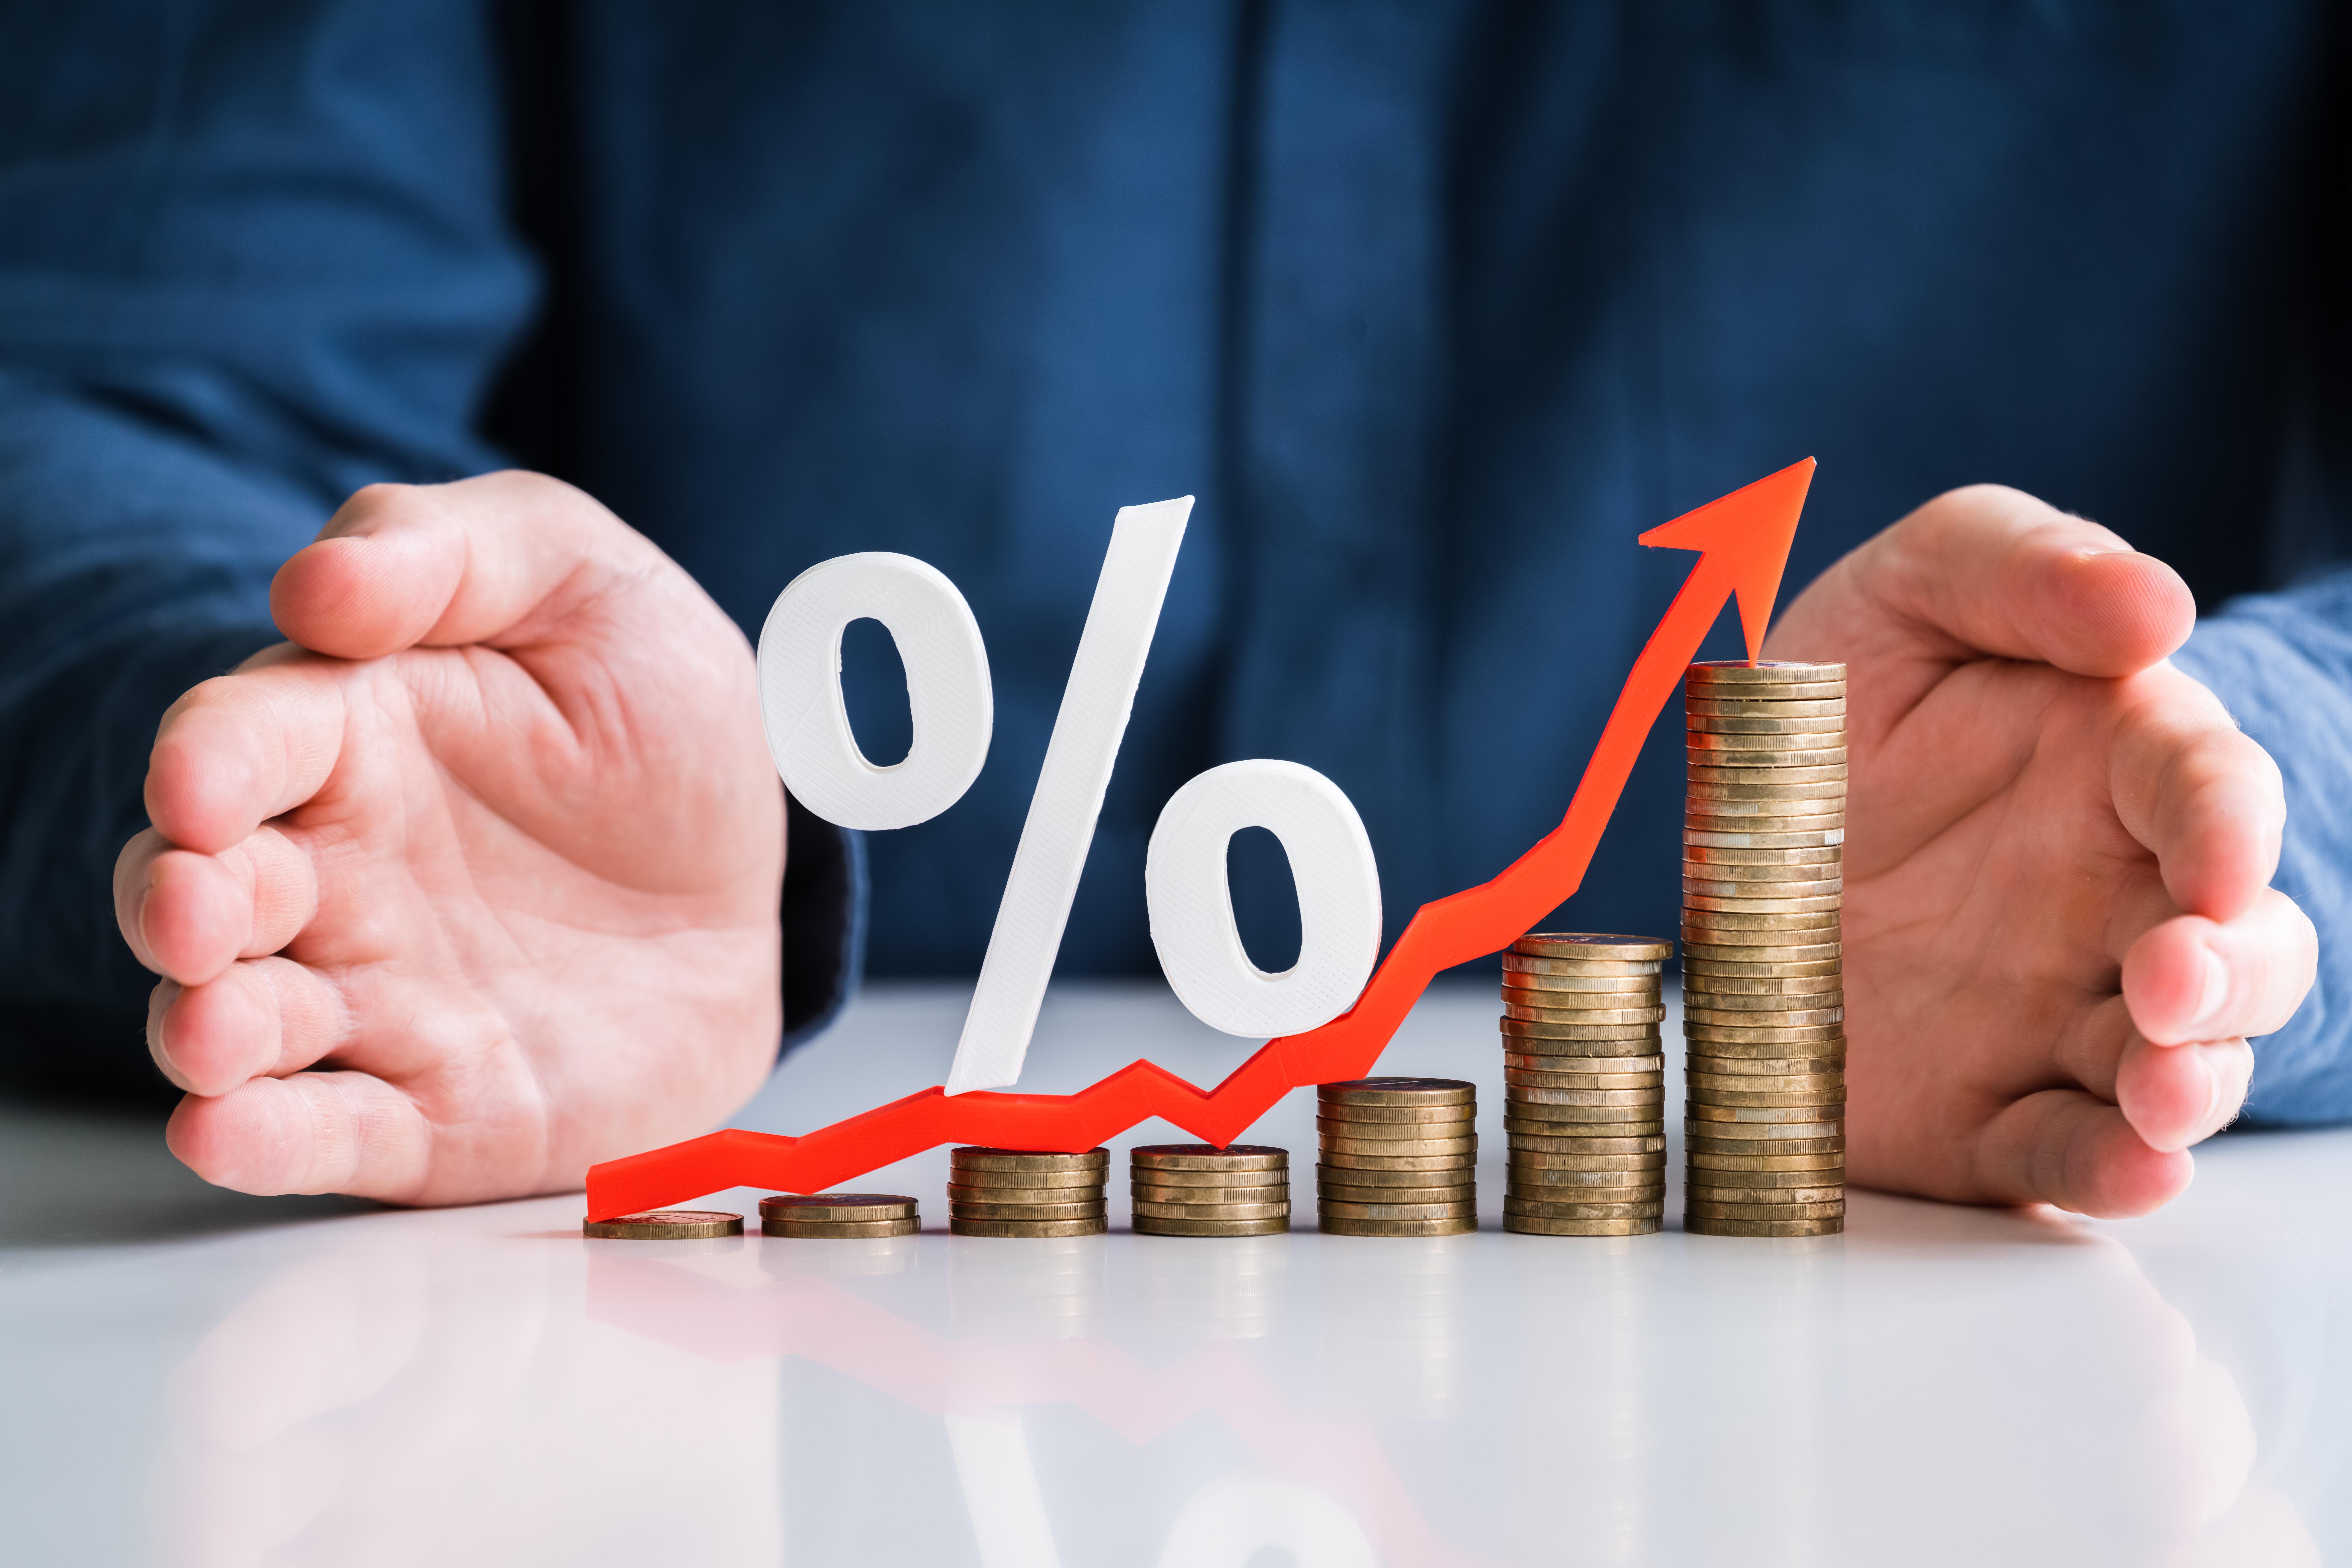 Ceny w Polsce rosną najszybciej w Europie